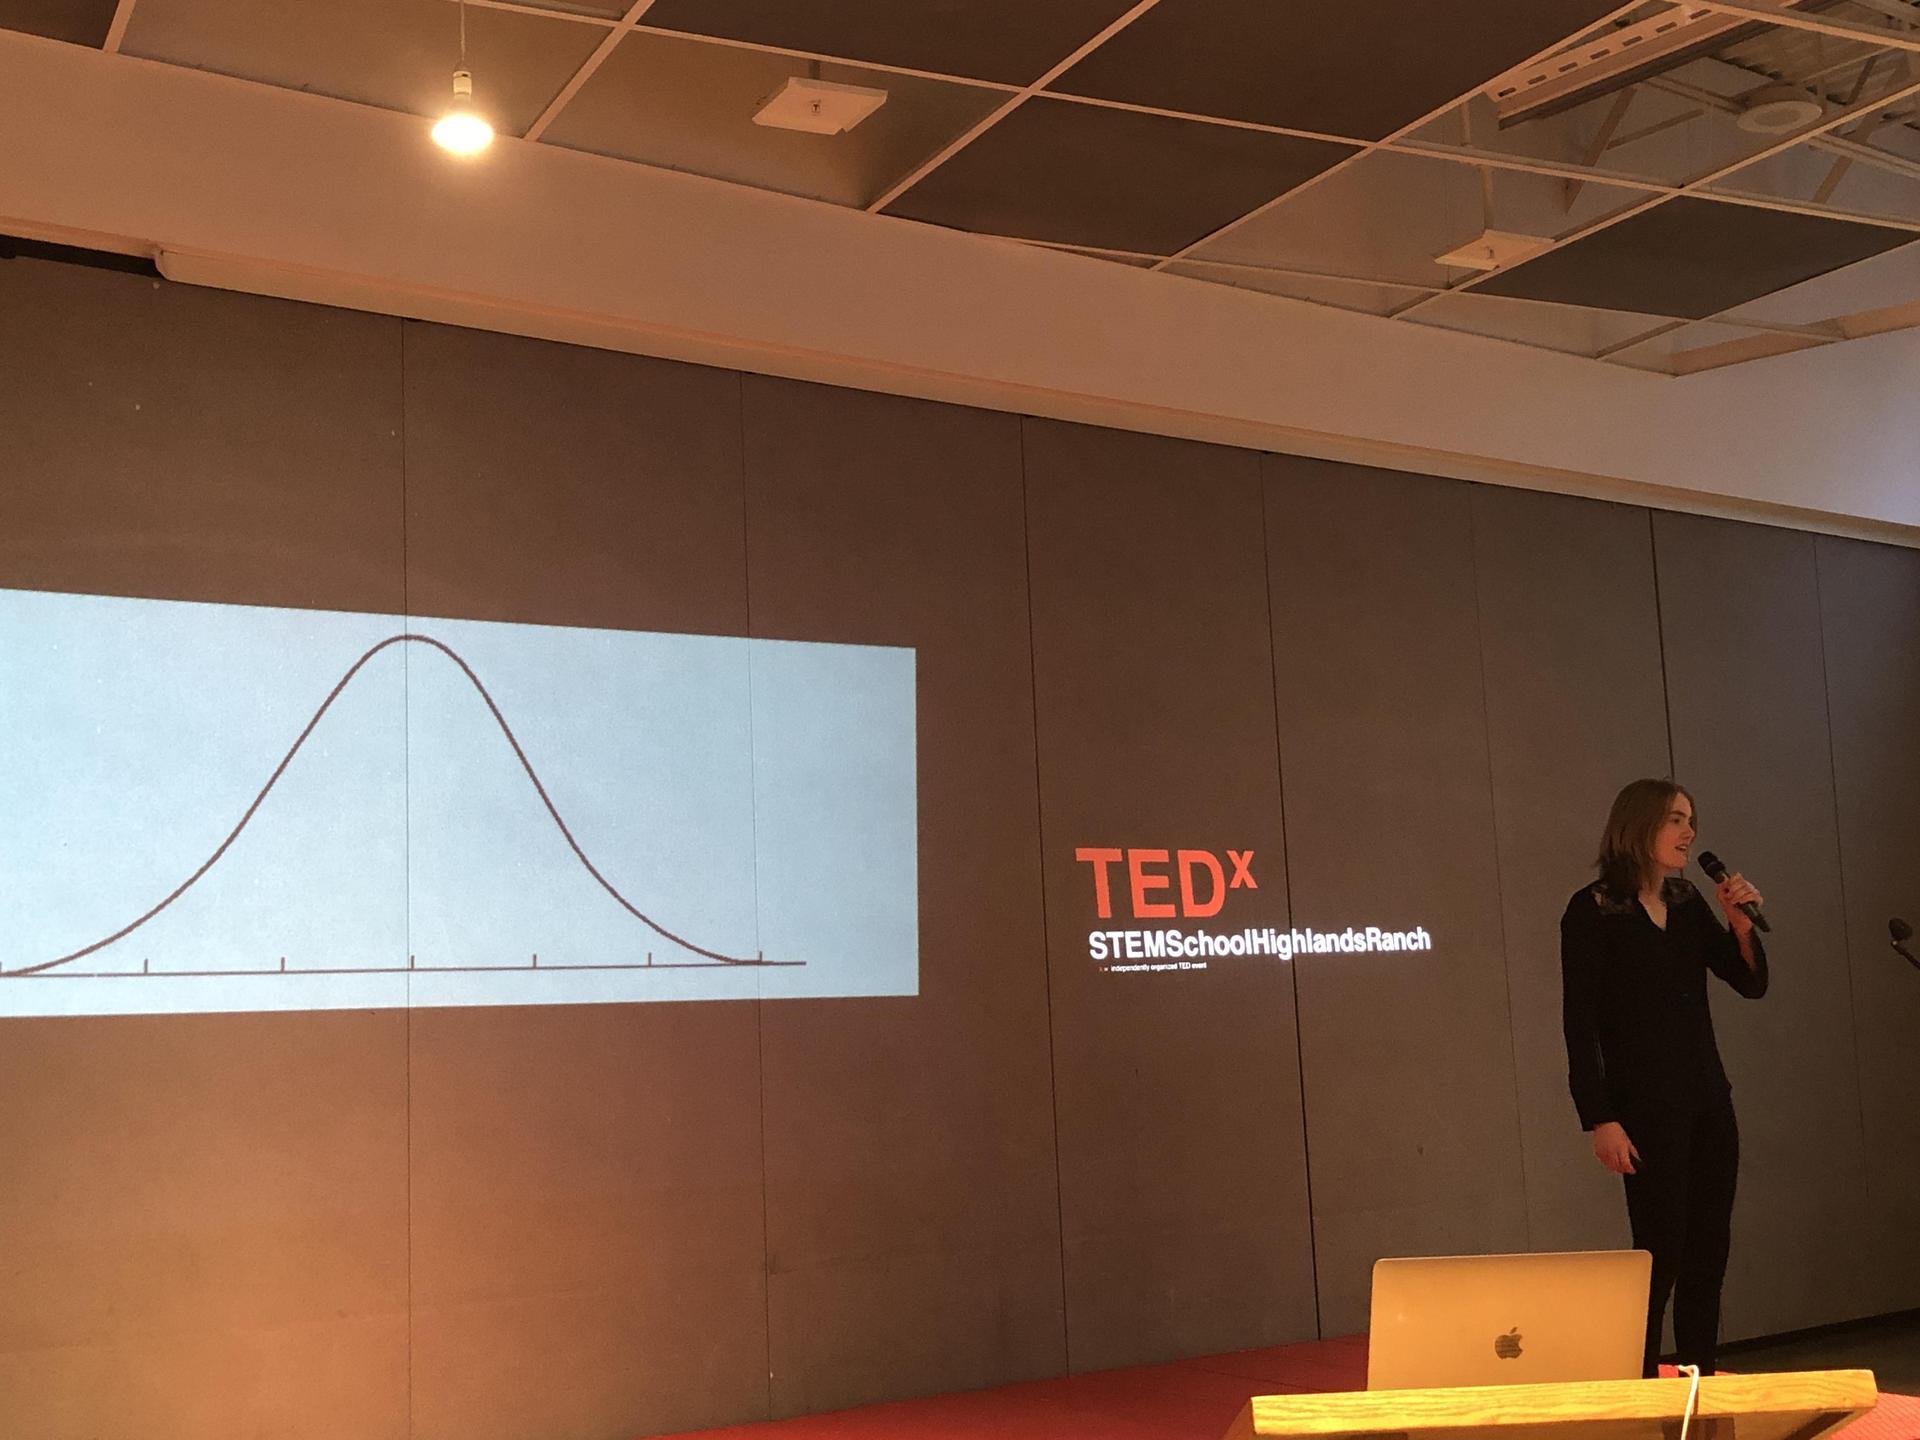 Tedx 4